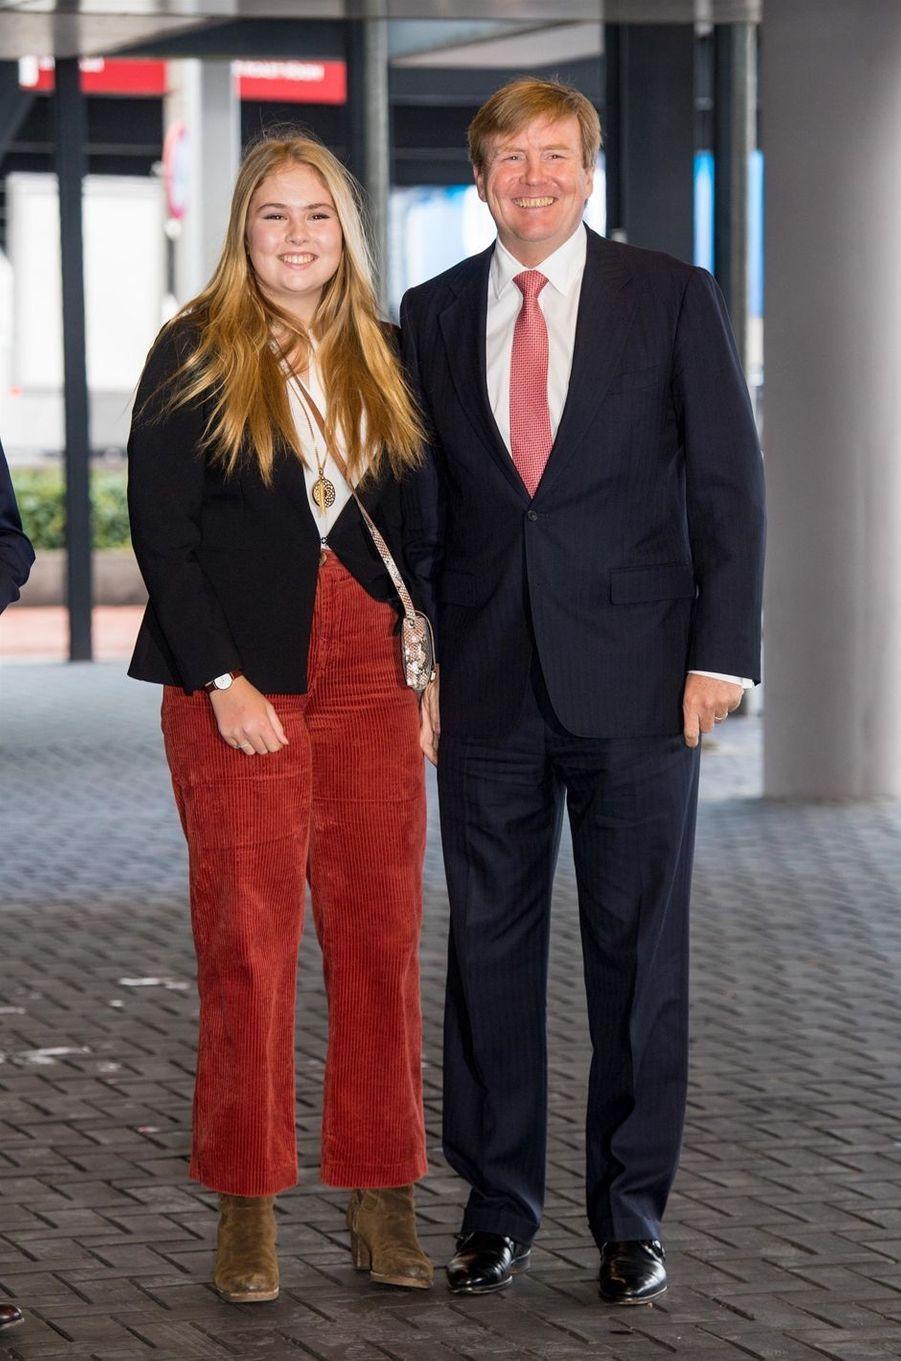 La princesse Catharina-Amalia avec son père le roi Willem-Alexander des Pays-Bas à Amsterdam, le 27 janvier 2019